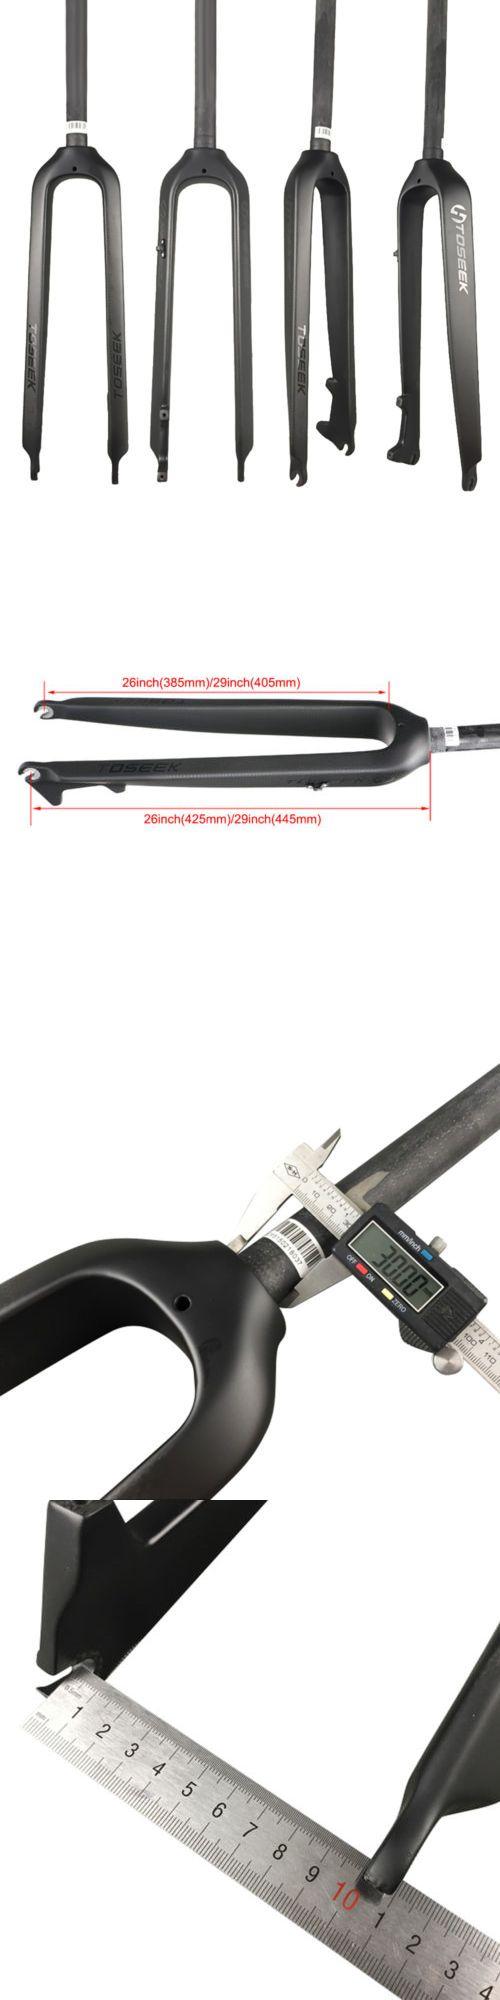 Carrier and Pannier Racks 177836: 26 27.5 29 Full Carbon Fiber Mtb Rigid Fork Stright Tube Disc Brake 180Mm -> BUY IT NOW ONLY: $64.67 on eBay!